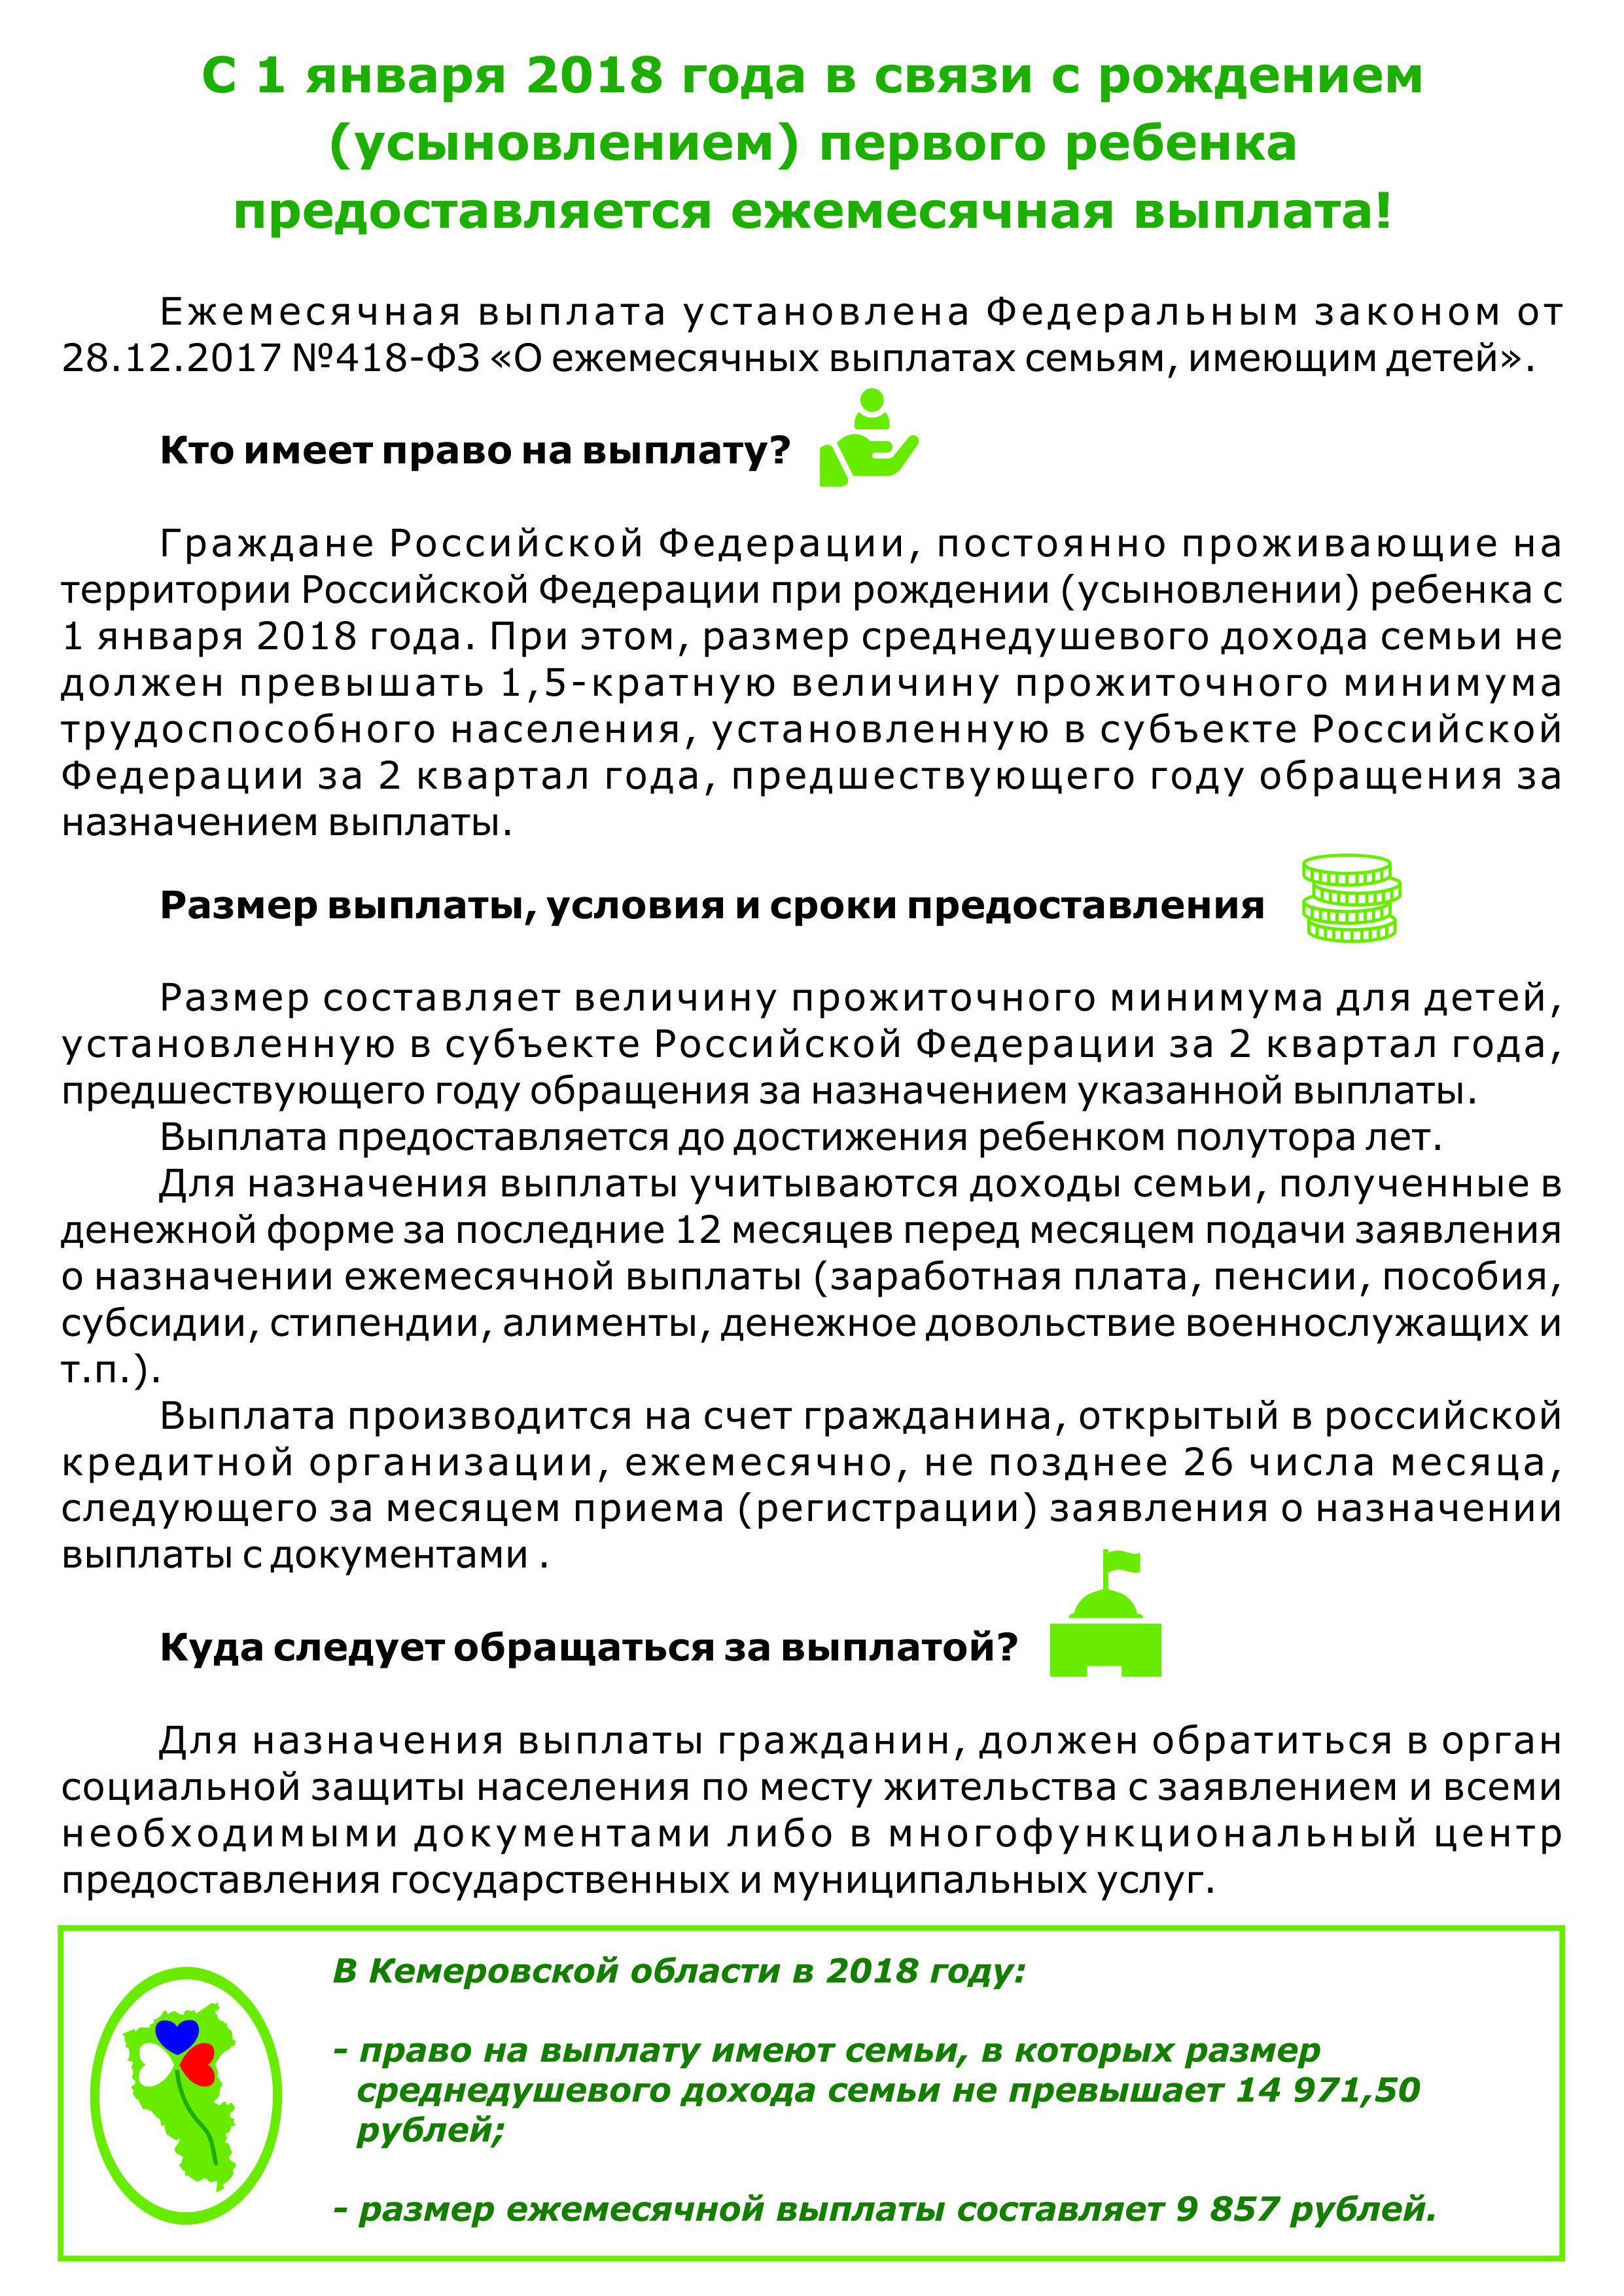 Детские пособия в Кемерово и Кемеровской области